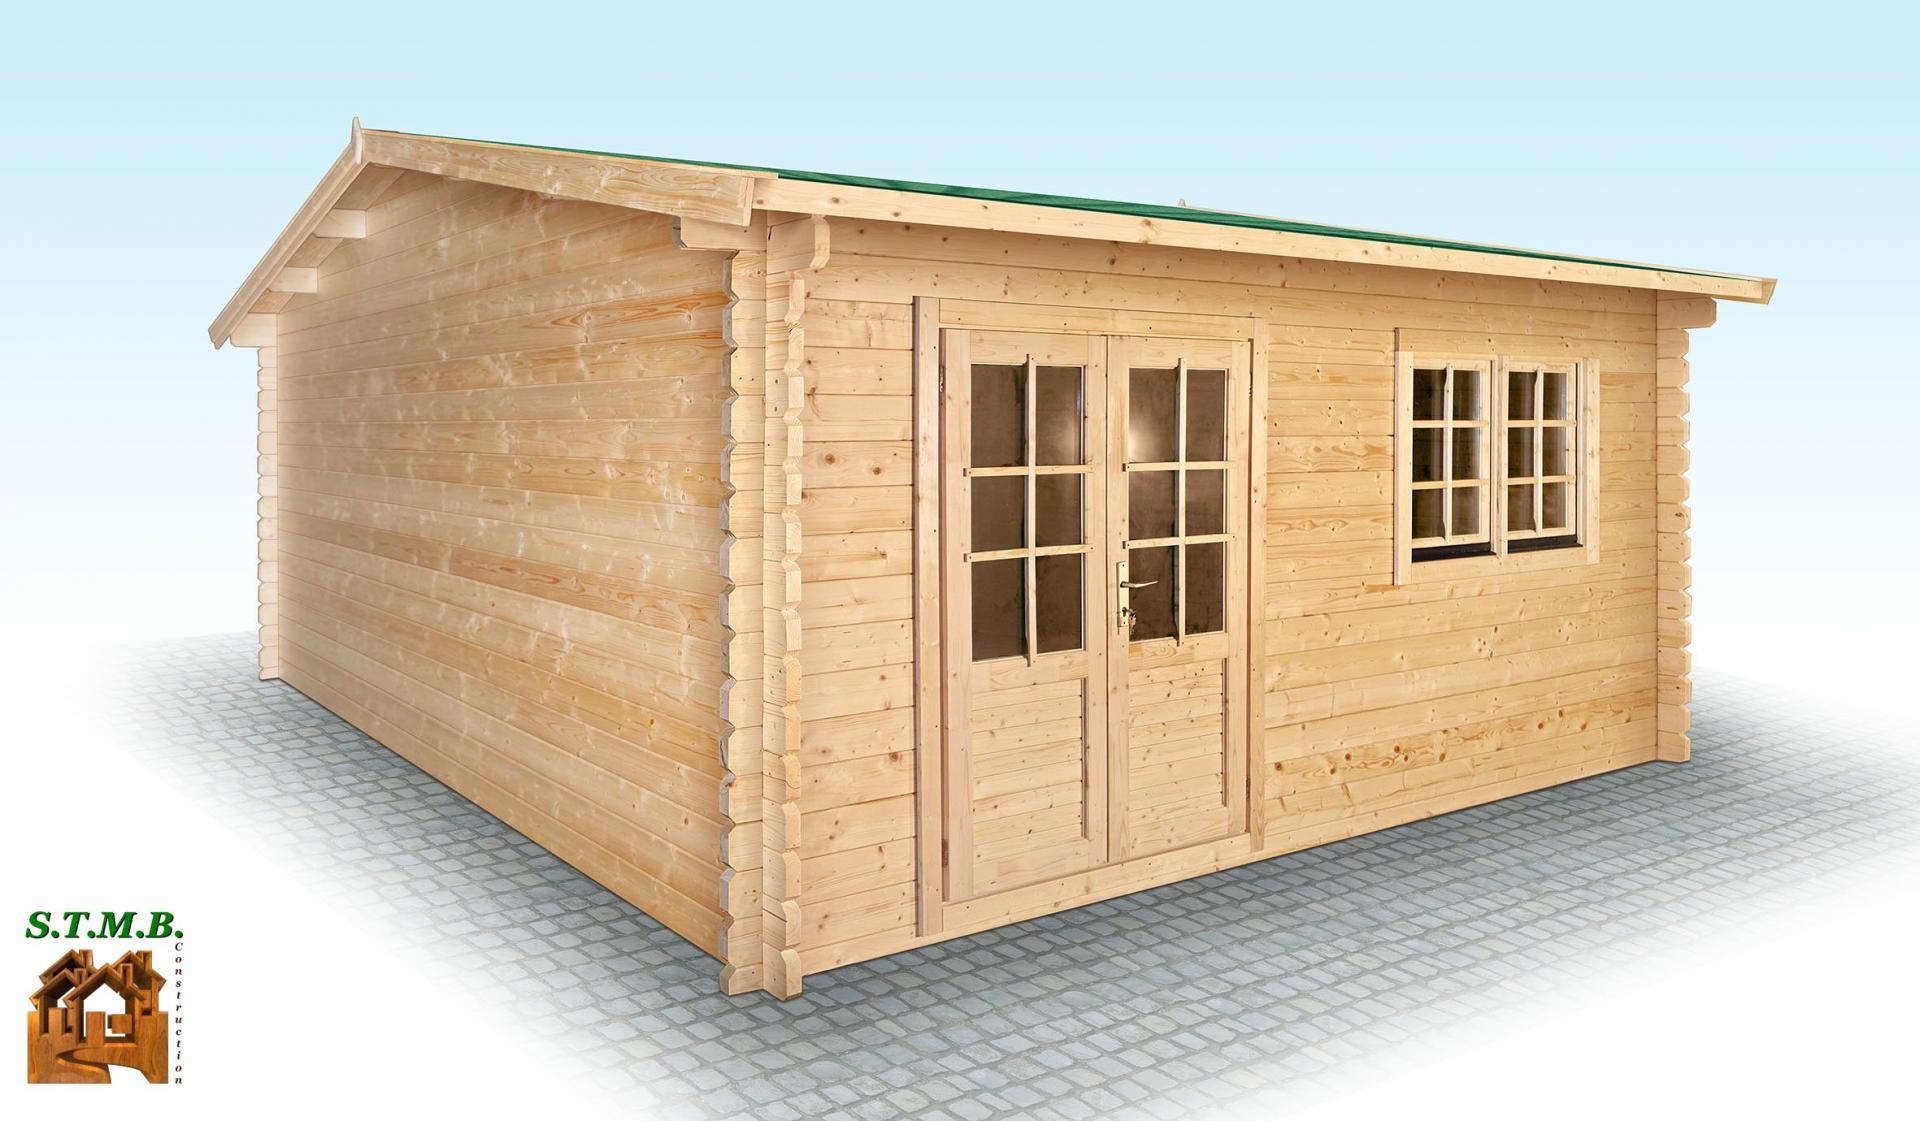 construire sa maison en bois en kit tarif elegant luart duune bonne conception et duune en bois. Black Bedroom Furniture Sets. Home Design Ideas